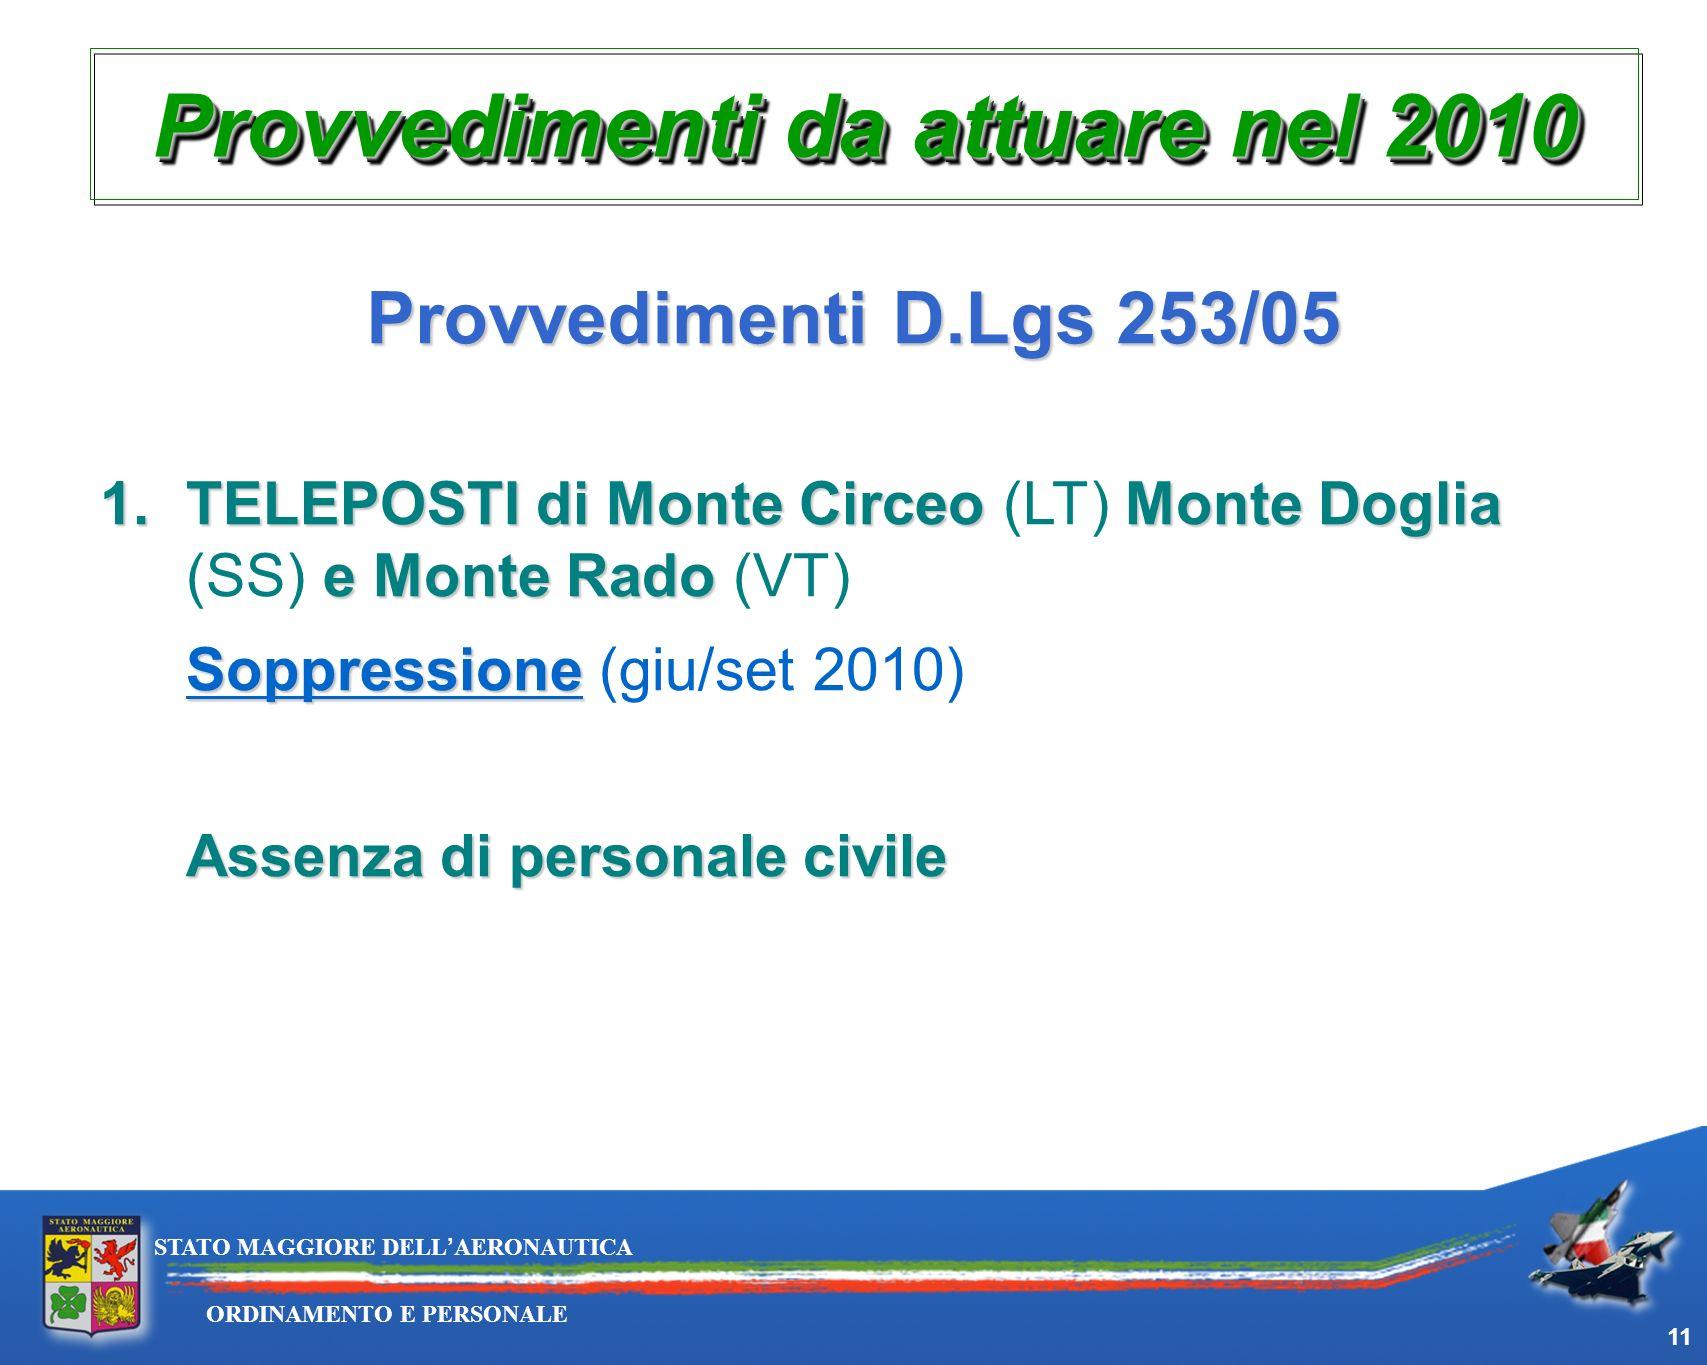 11 ORDINAMENTO E PERSONALE STATO MAGGIORE DELLAERONAUTICA Provvedimenti D.Lgs 253/05 1.TELEPOSTIdi Monte CirceoMonte Doglia e Monte Rado 1.TELEPOSTI d